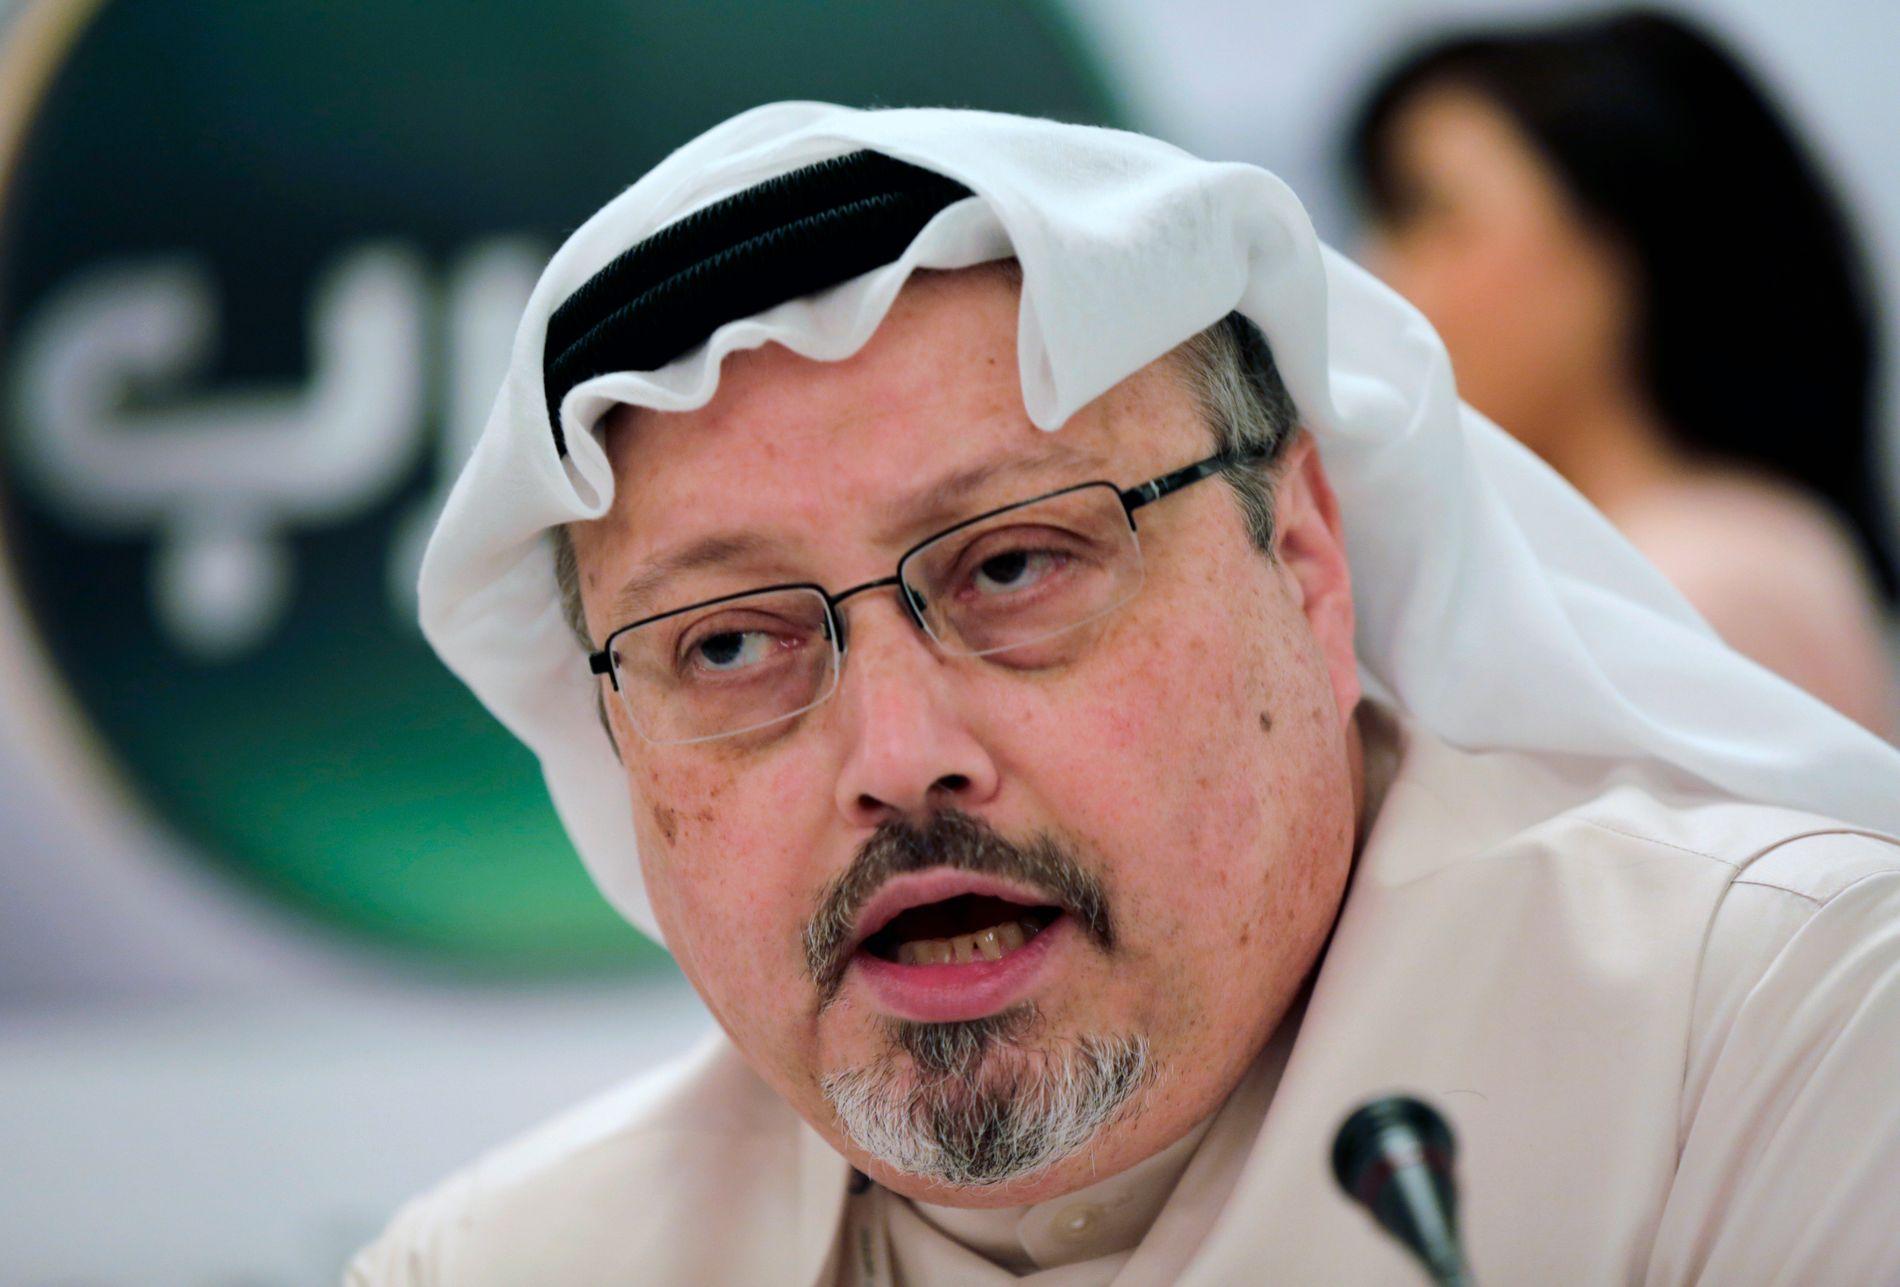 FORSVUNNET: Jamal Khashoggi kom aldri ut fra Saudi-Arabias konsulat i Istanbul, etter at han gikk inn dørene der 2. oktober.